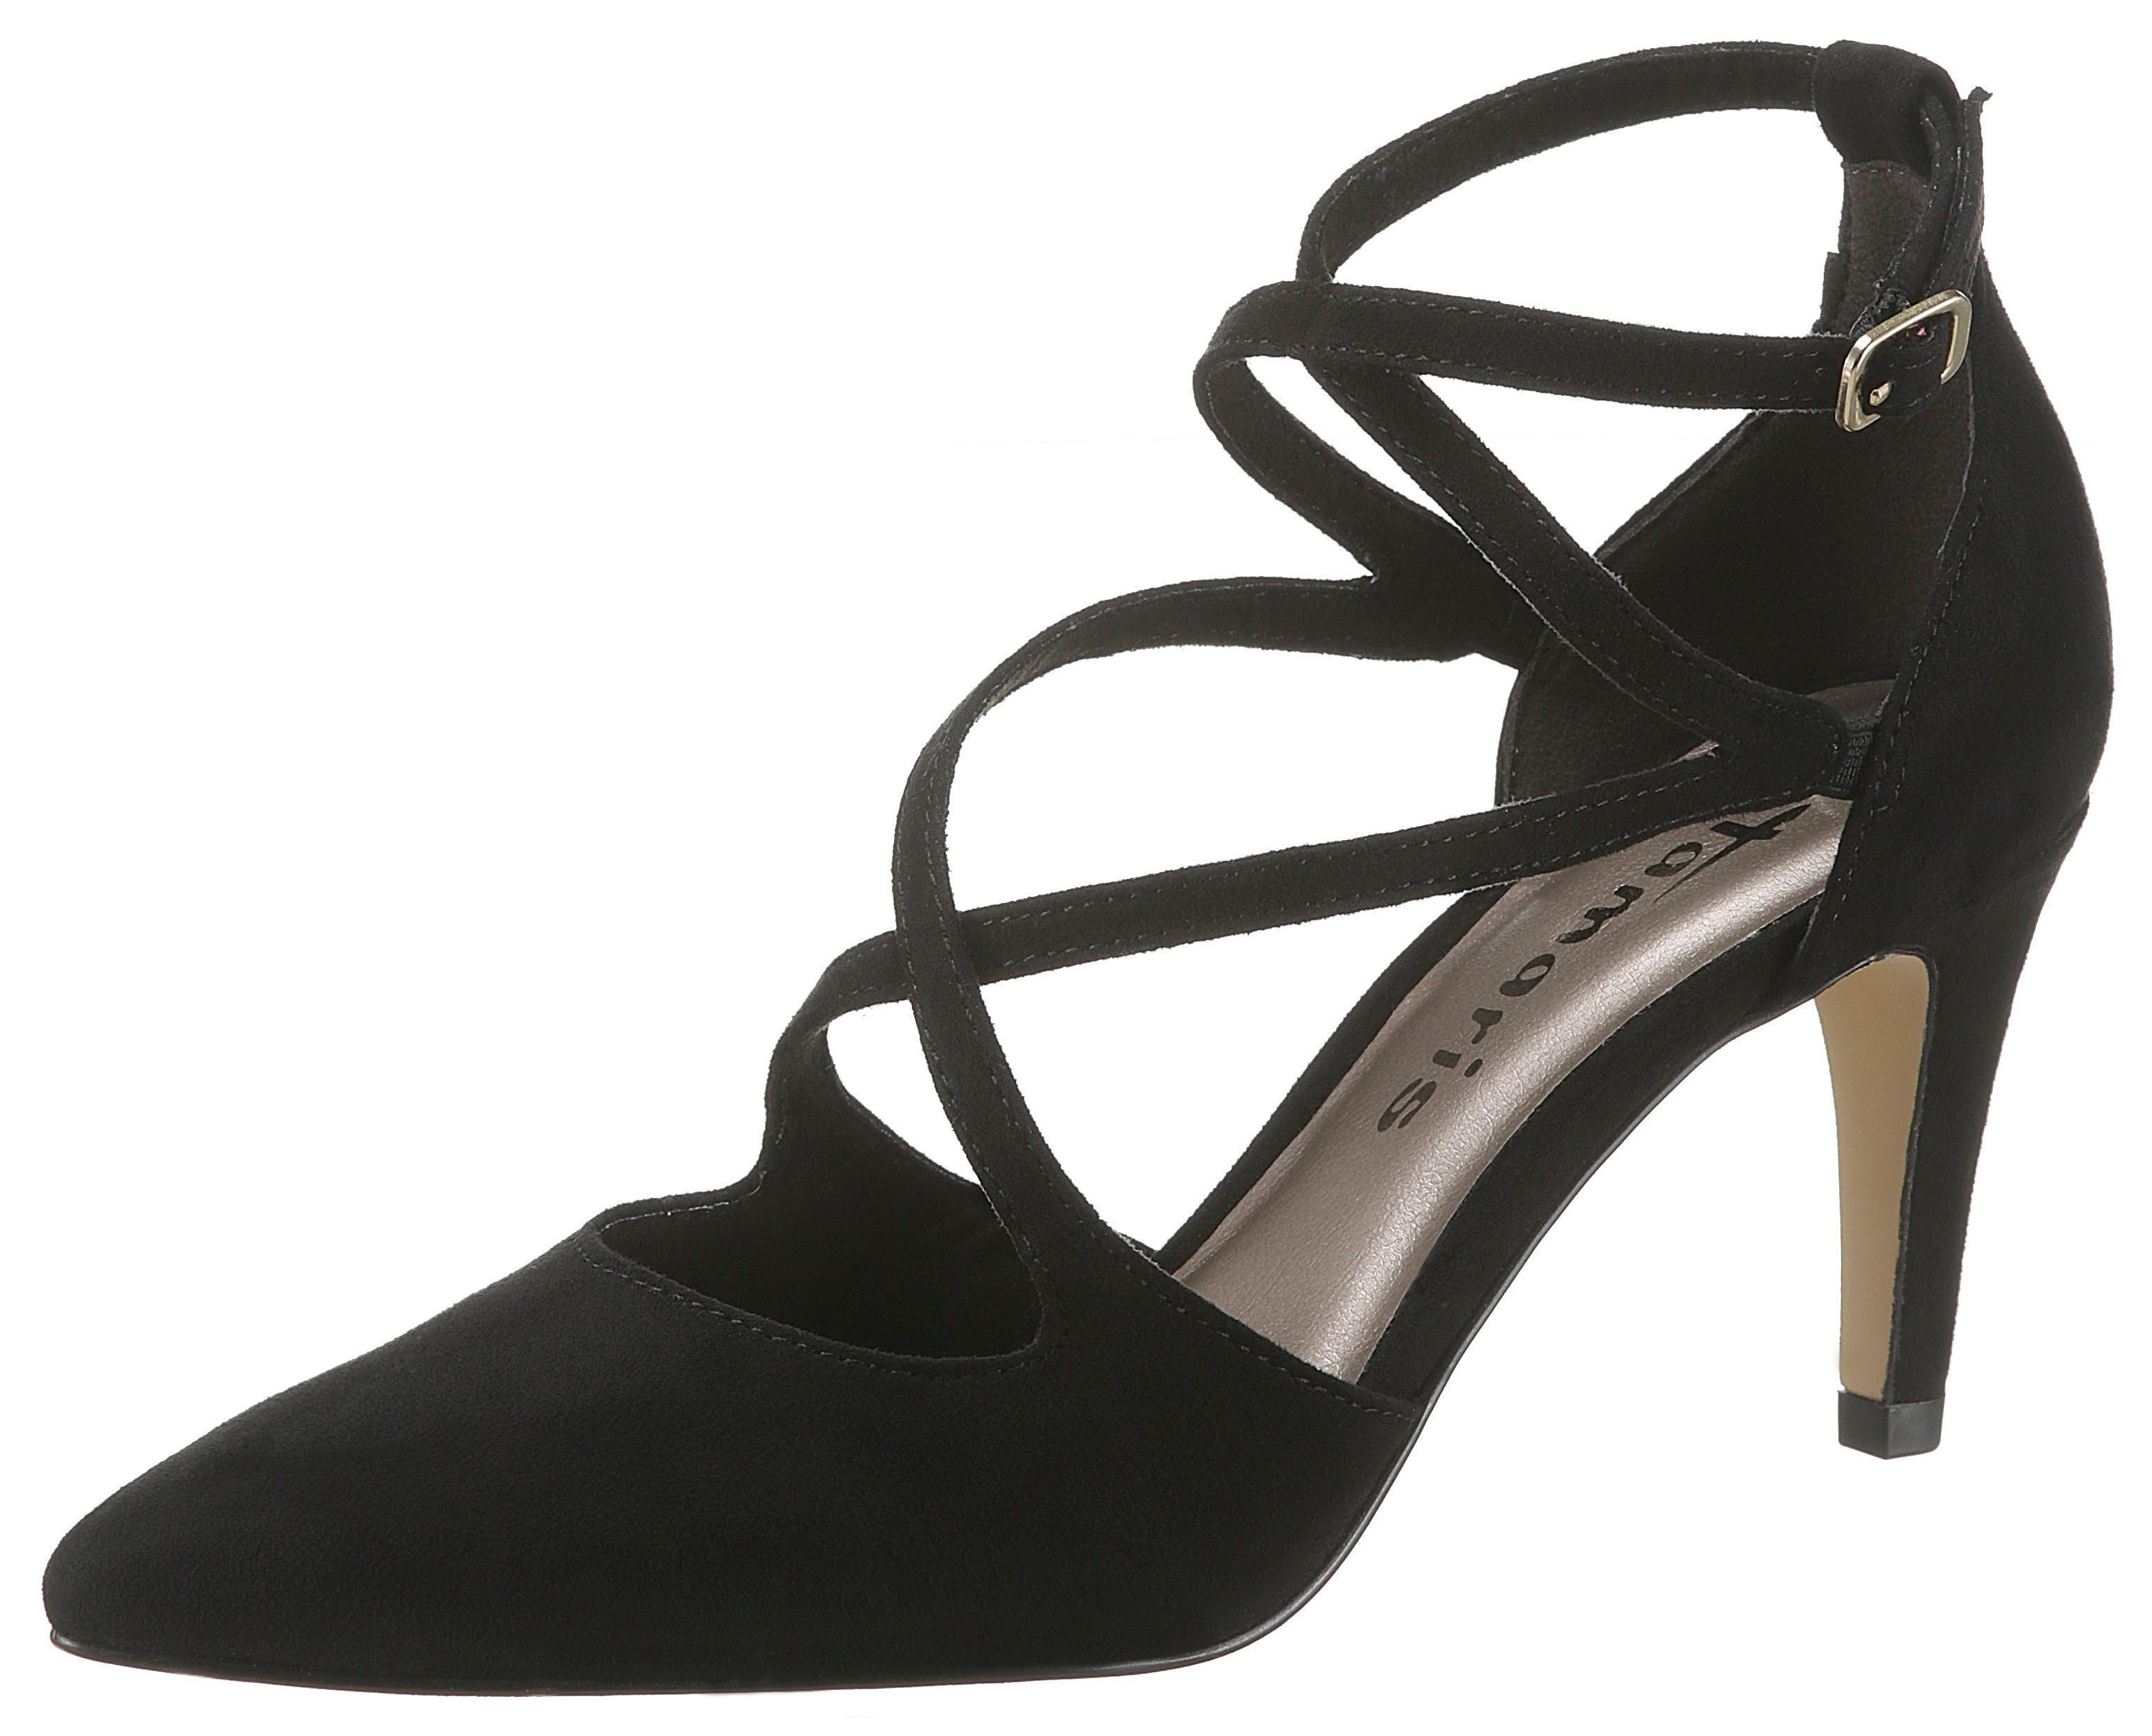 d3c4deff92aa ... elegantný špicatý tvar čierna. Nové Tamaris ...